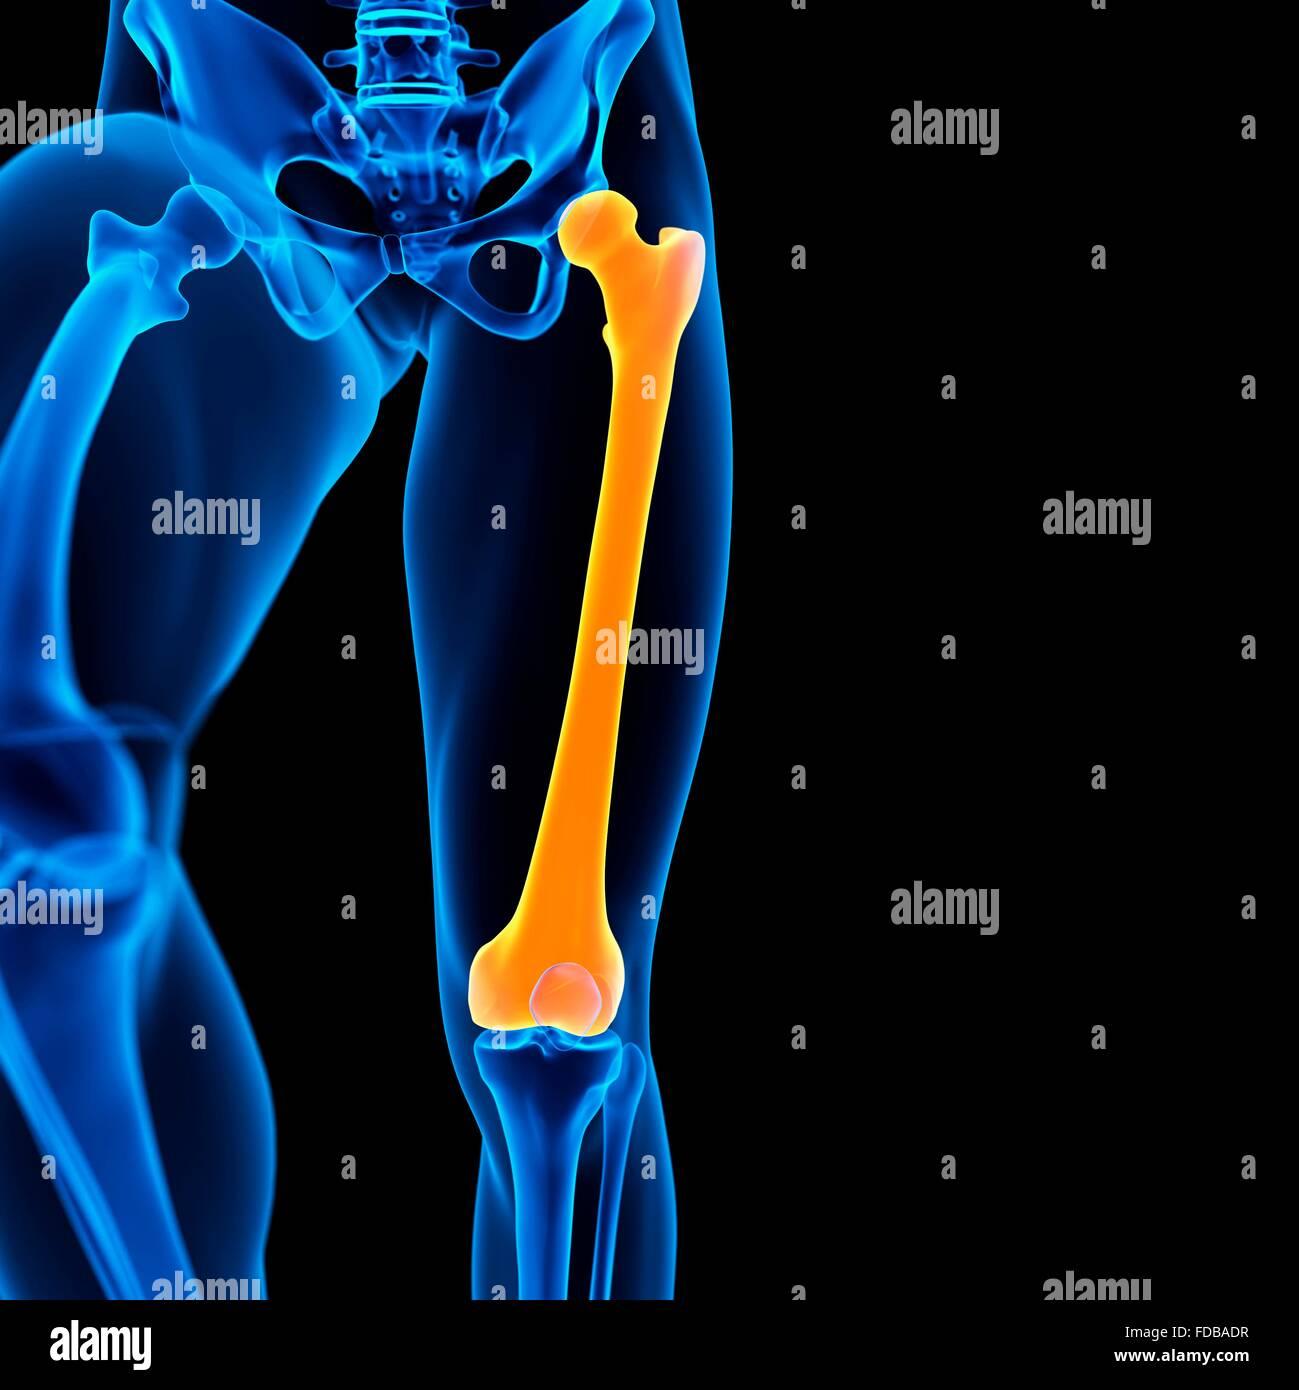 Menschlichen Femur (Oberschenkel) Knochen, Abbildung Stockfoto, Bild ...